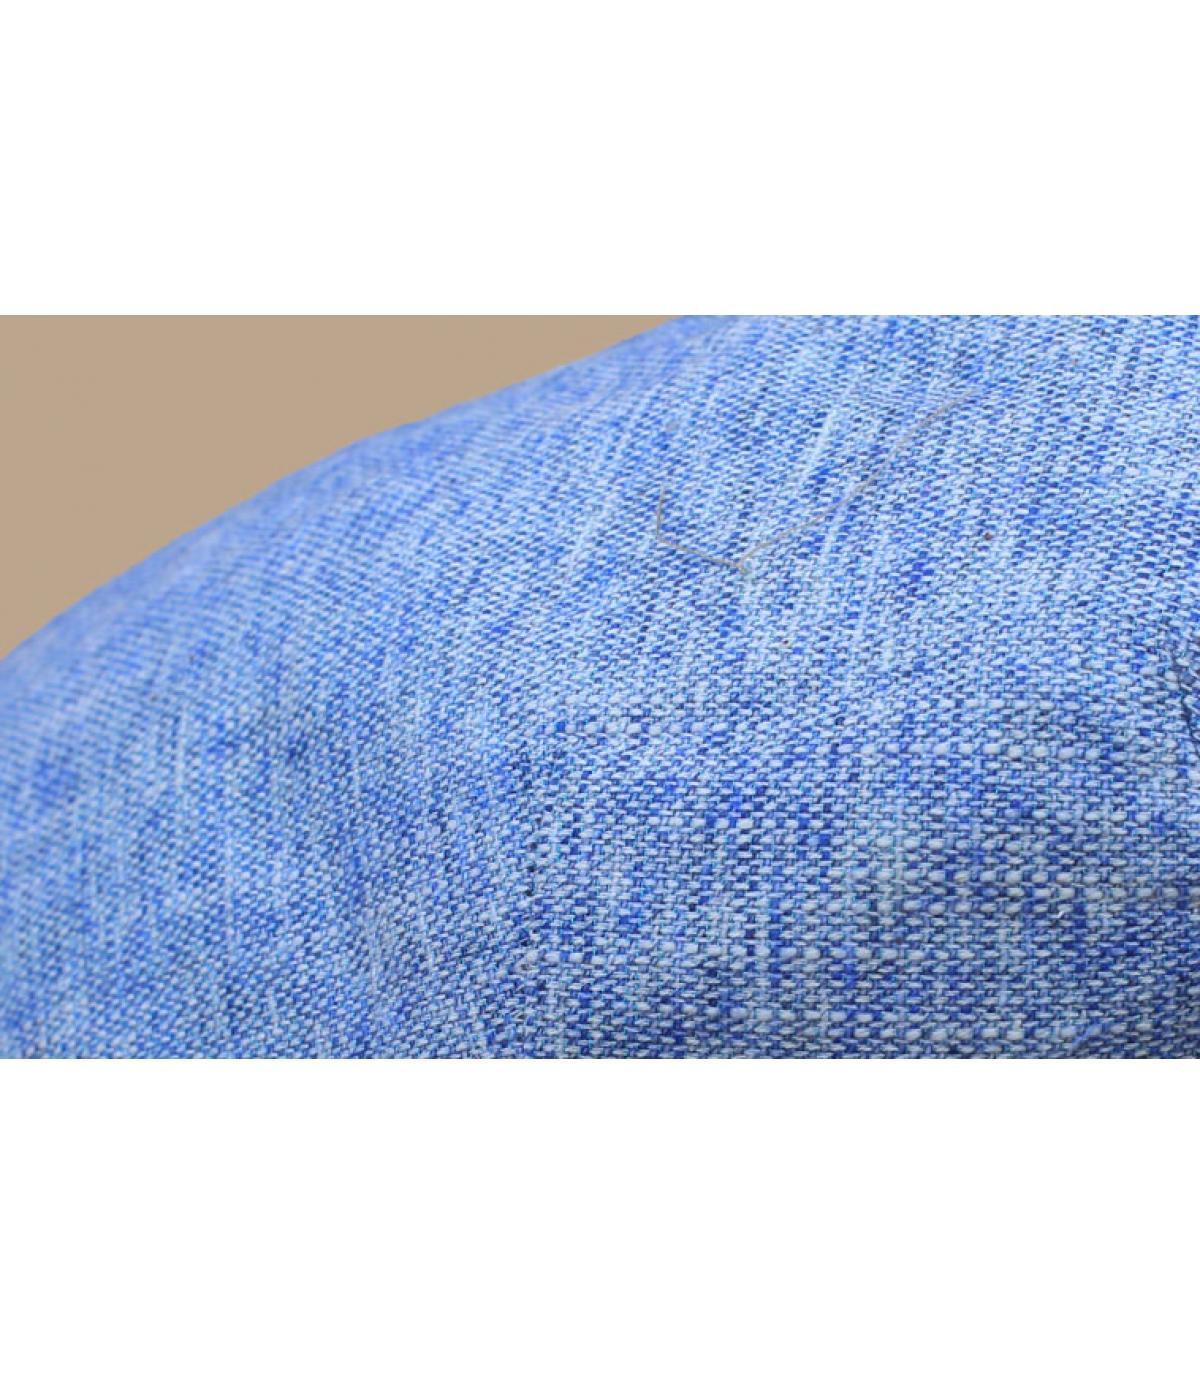 Details Rayan bleu - Abbildung 3